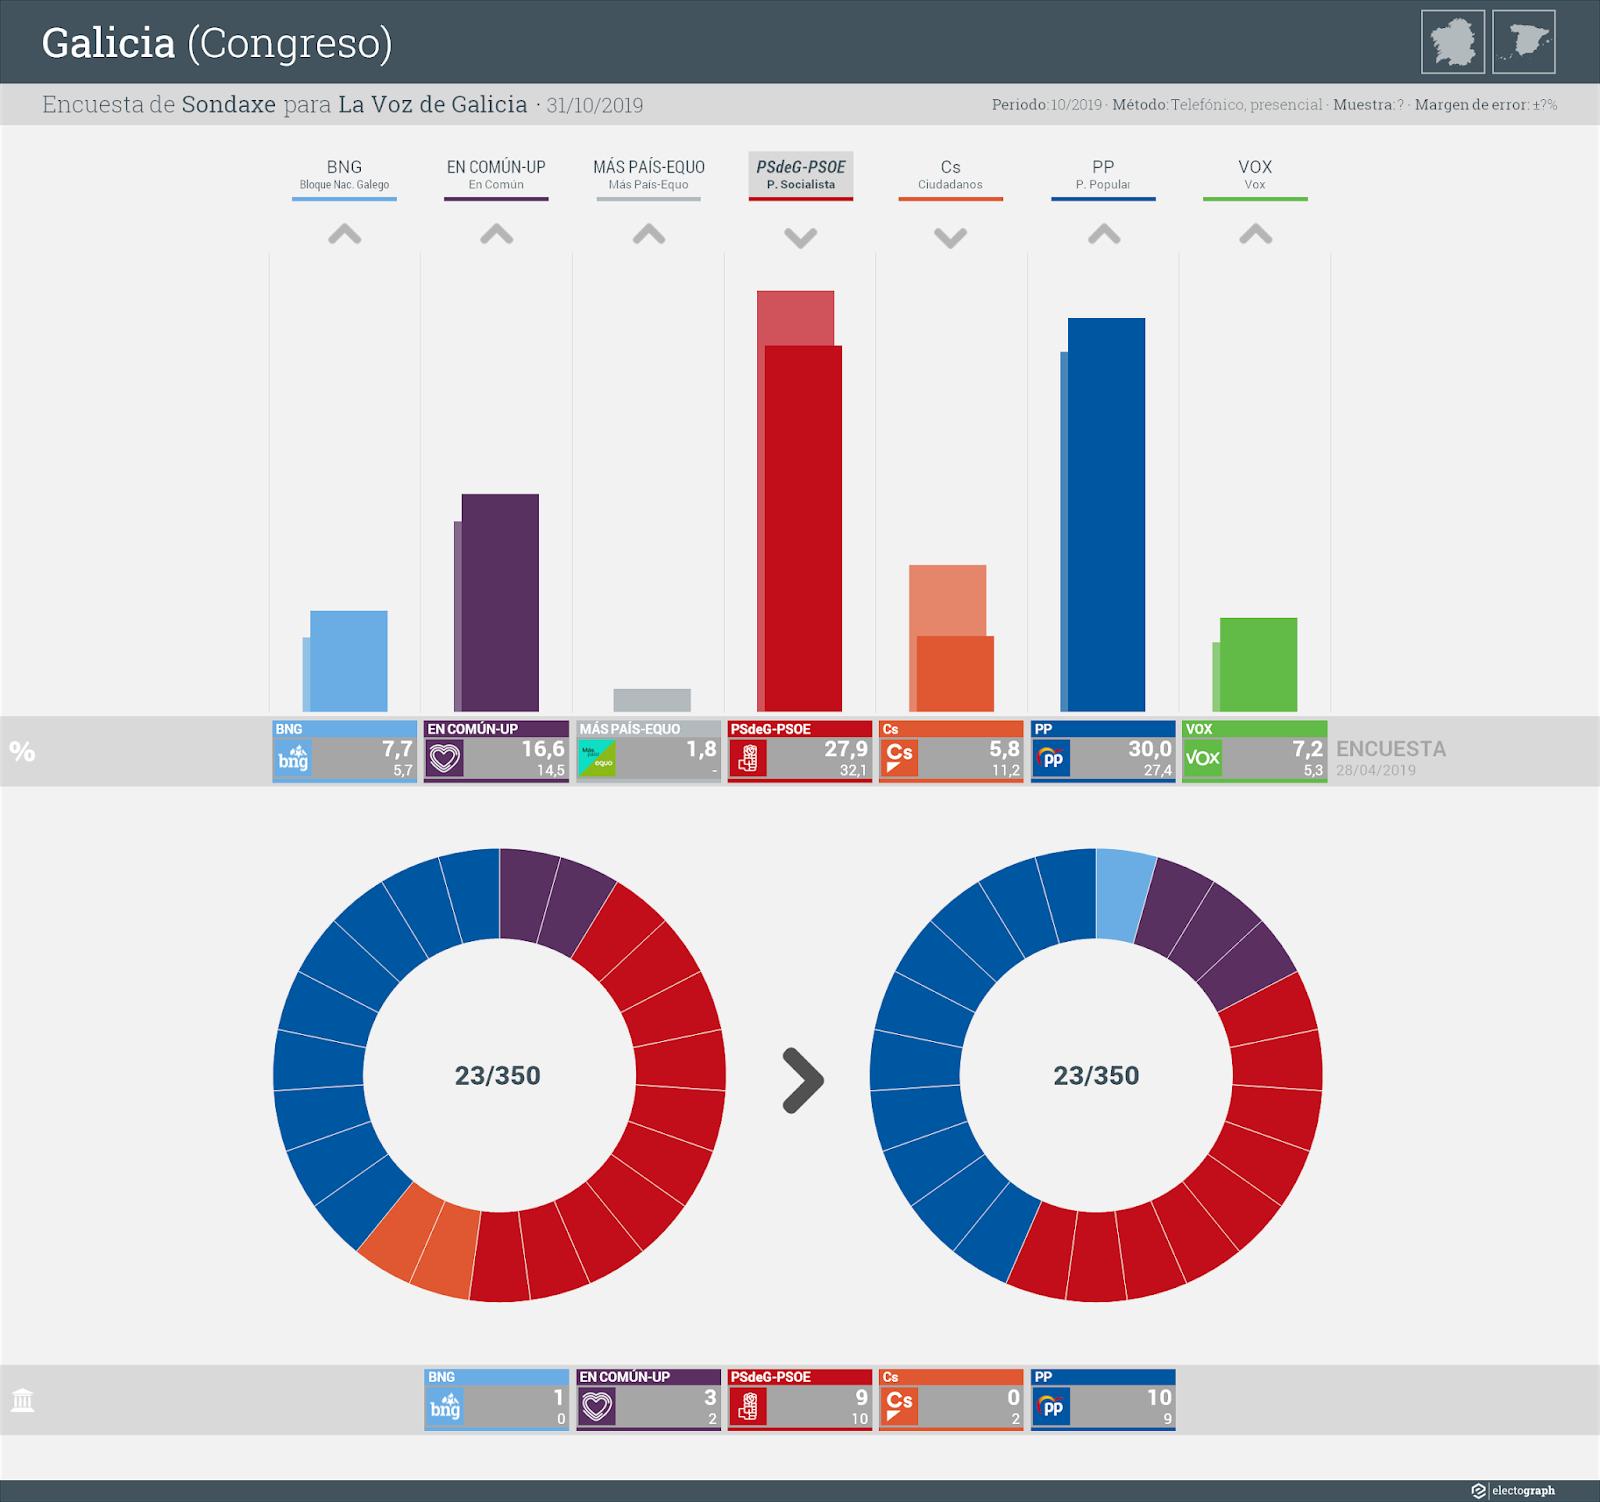 Gráfico de la encuesta para elecciones generales en Galicia realizada por Sondaxe para La Voz de Galicia, 31 de octubre de 2019